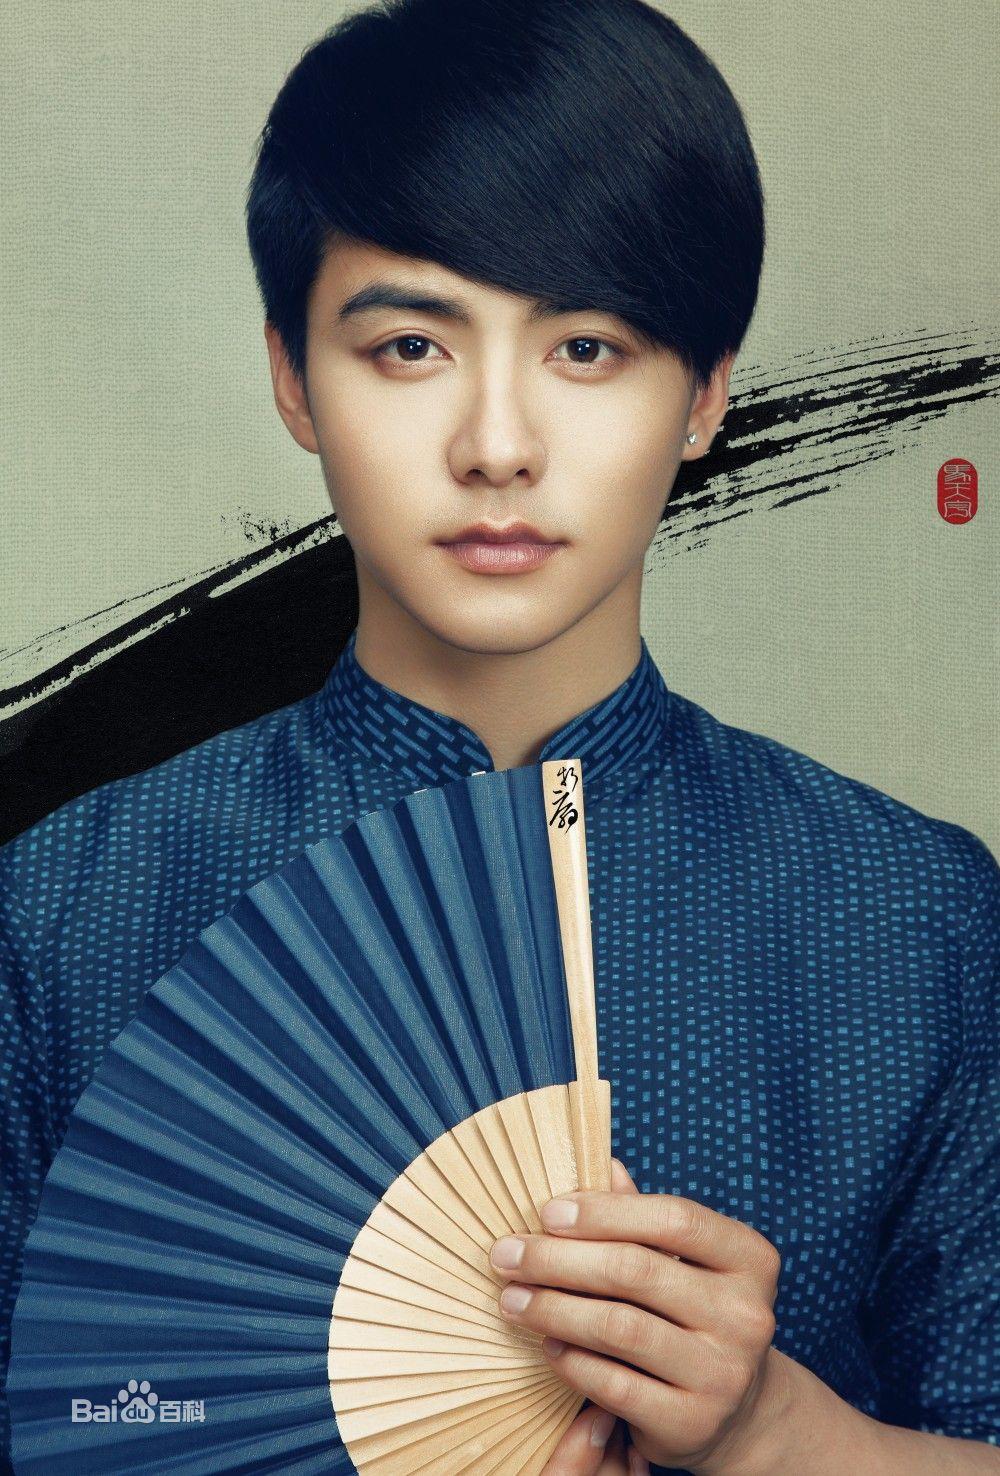 http://2.bp.blogspot.com/-HIJbbC8Bes0/UaECqhuzSUI/AAAAAAAAGjs/1mtBMx1R5kM/s1600/Ma+Tianyu+01.jpg